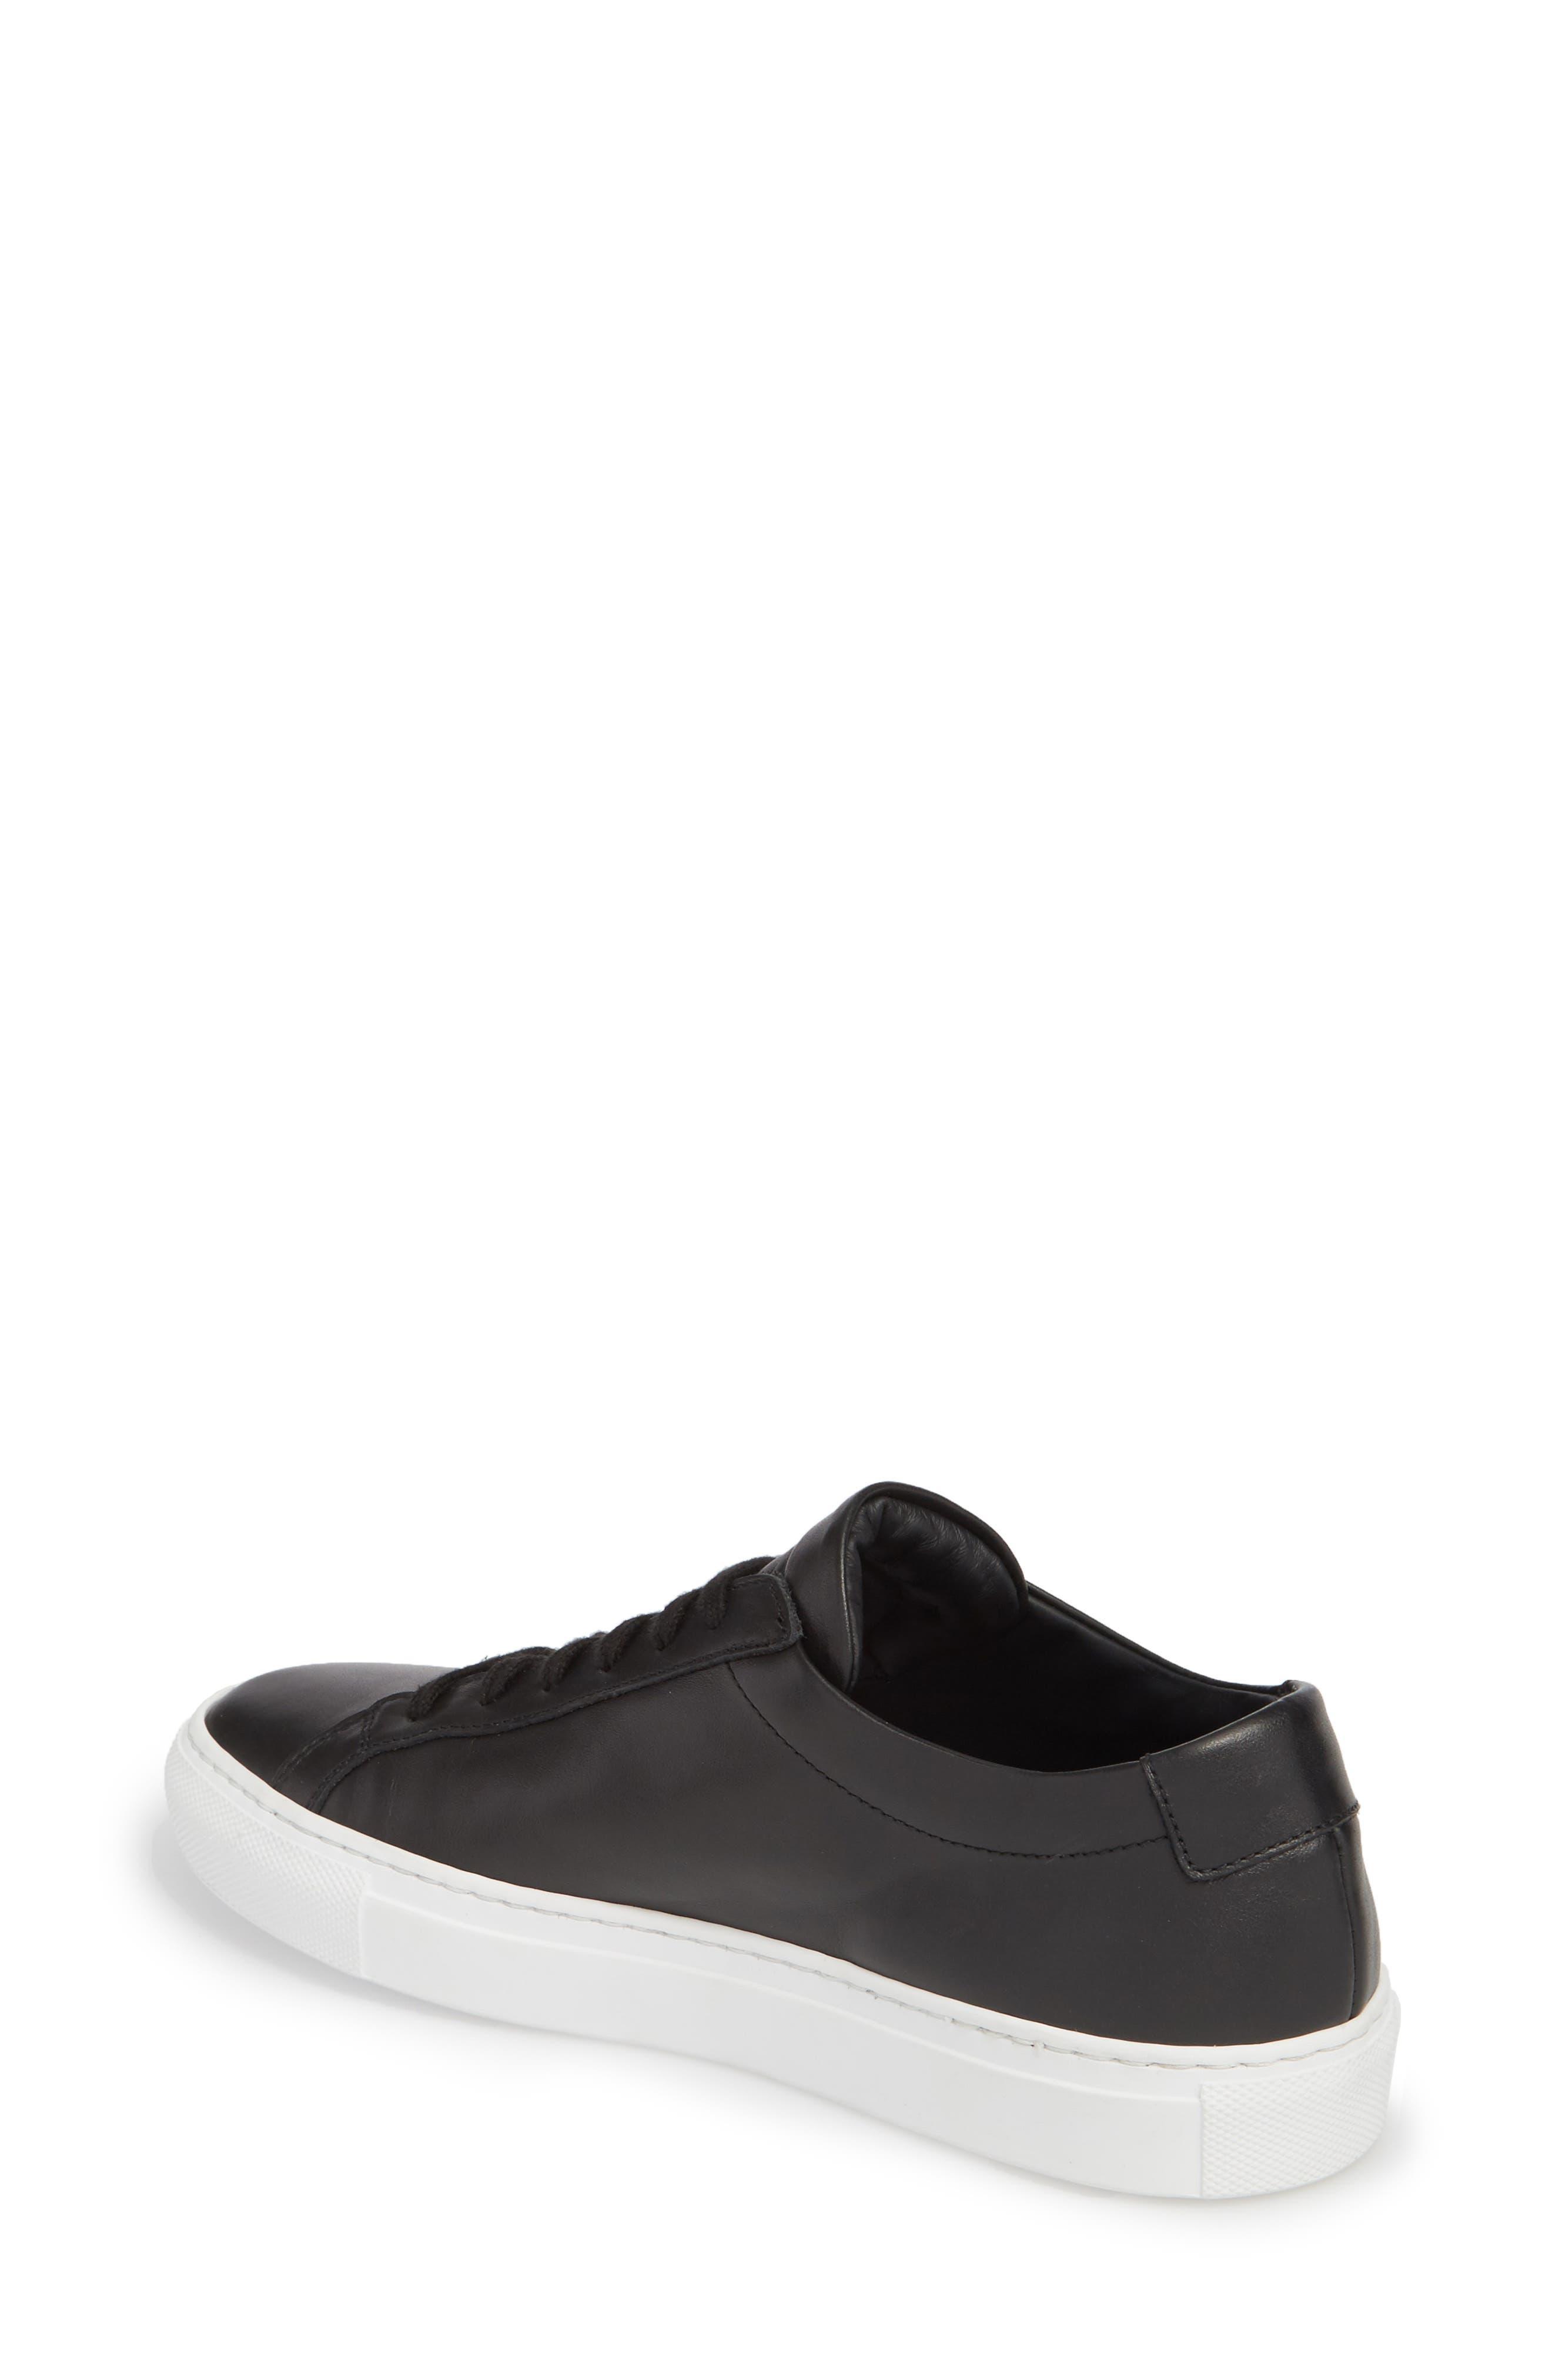 Original Achilles Low Sneaker,                             Alternate thumbnail 2, color,                             BLACK